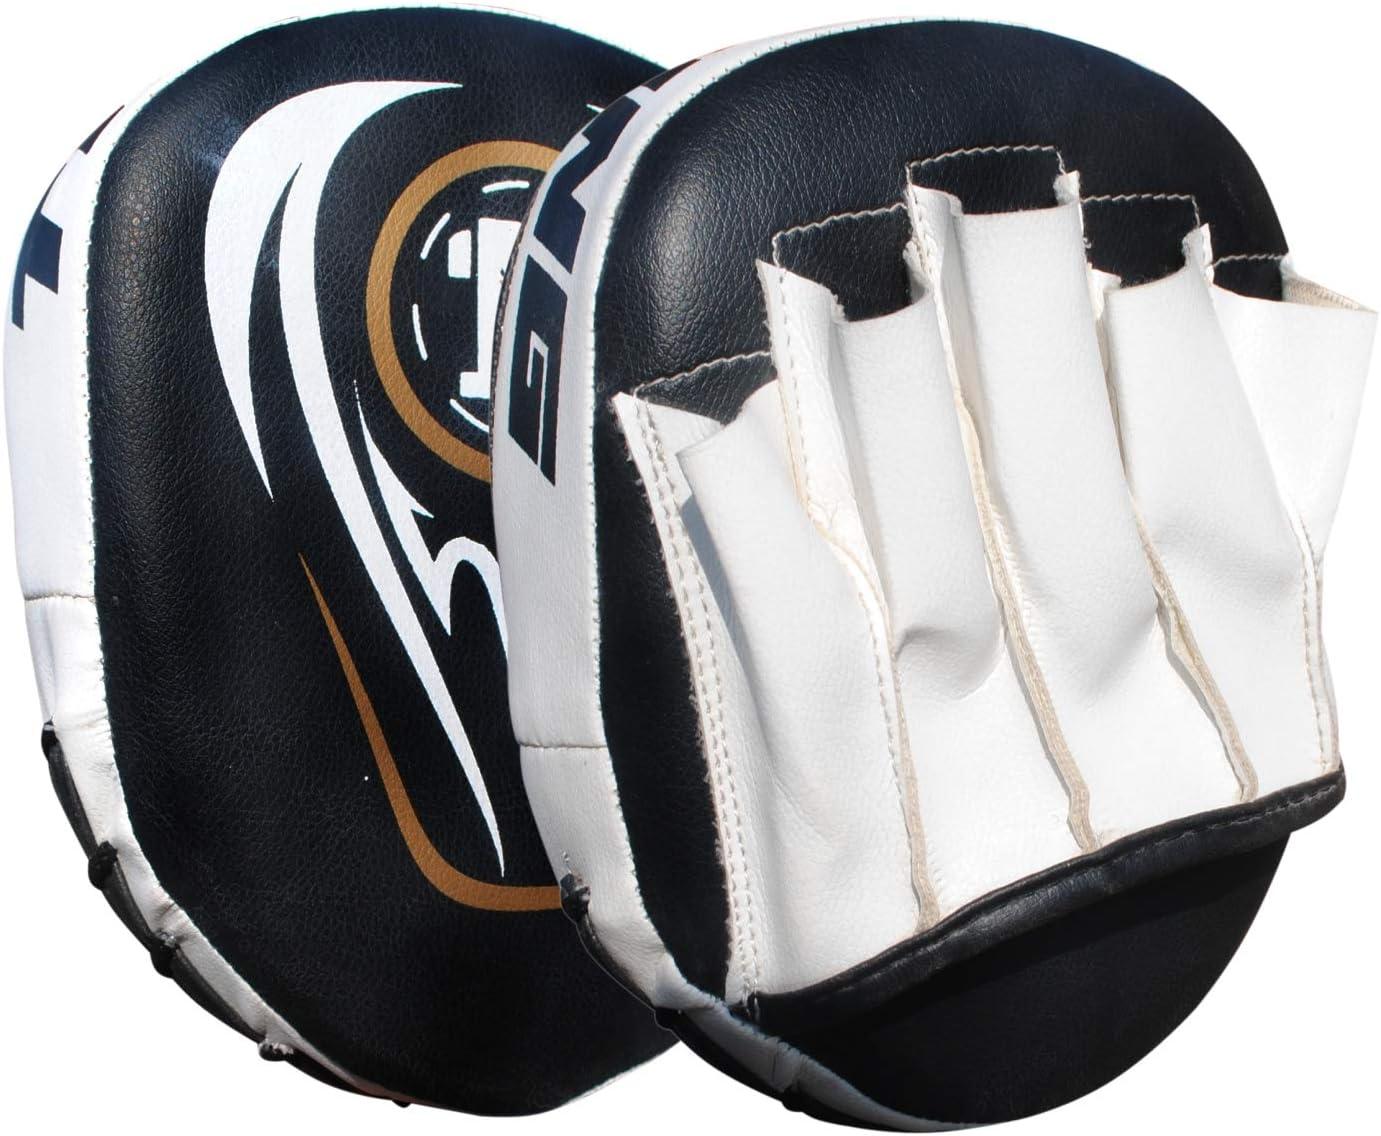 ONEX Boxeo ni/ños Pad de Enfoque Mitones de perforaci/ón Almohadillas de perforaci/ón Rectas Equipos de MMA de Strike Hook /& Jab Karate Muay tailand/és Coj/ín Guantes de Entrenamiento